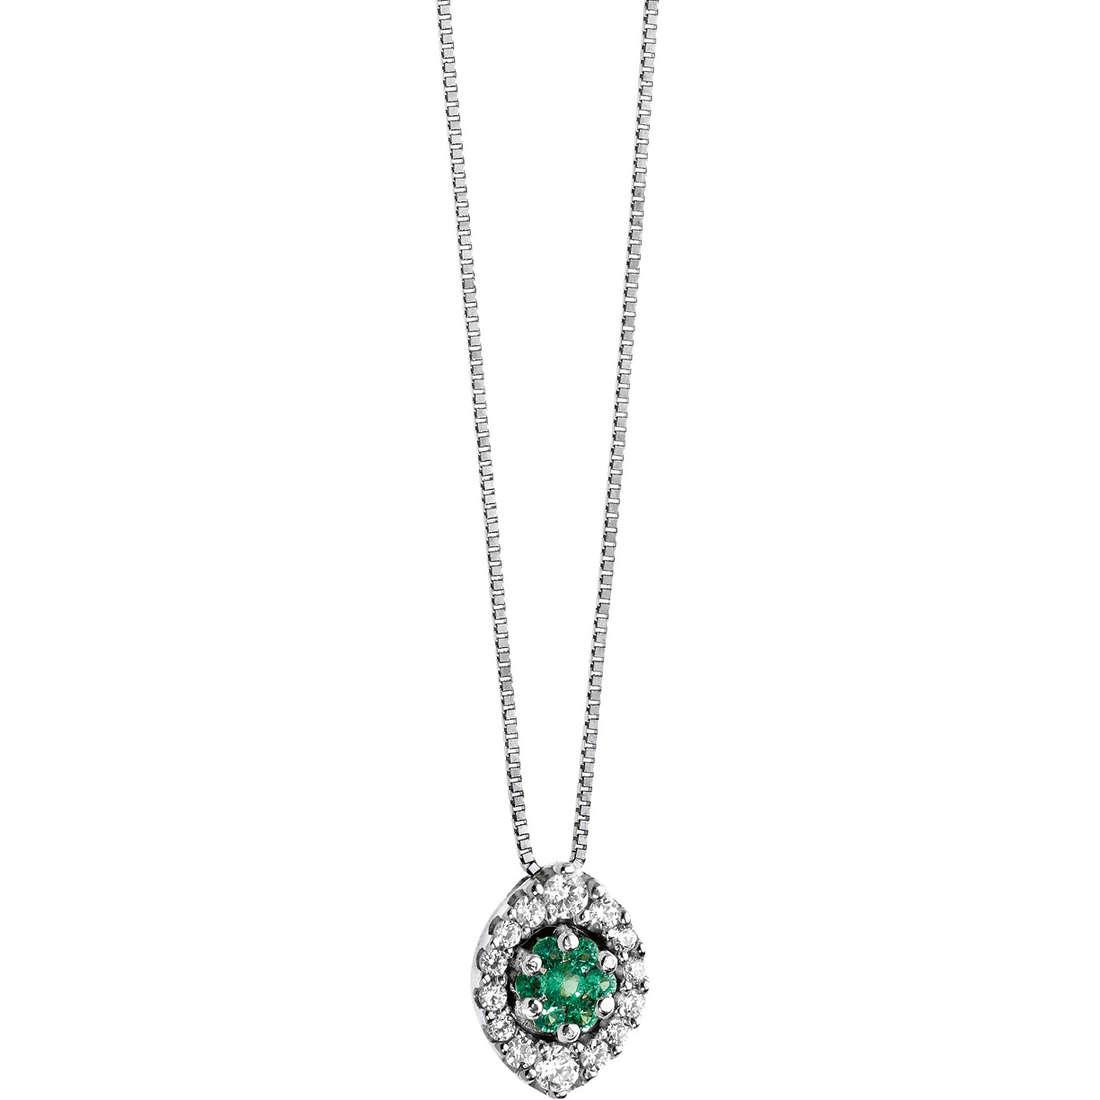 collana donna gioielli Comete Pietre preziose colorate GLB 809